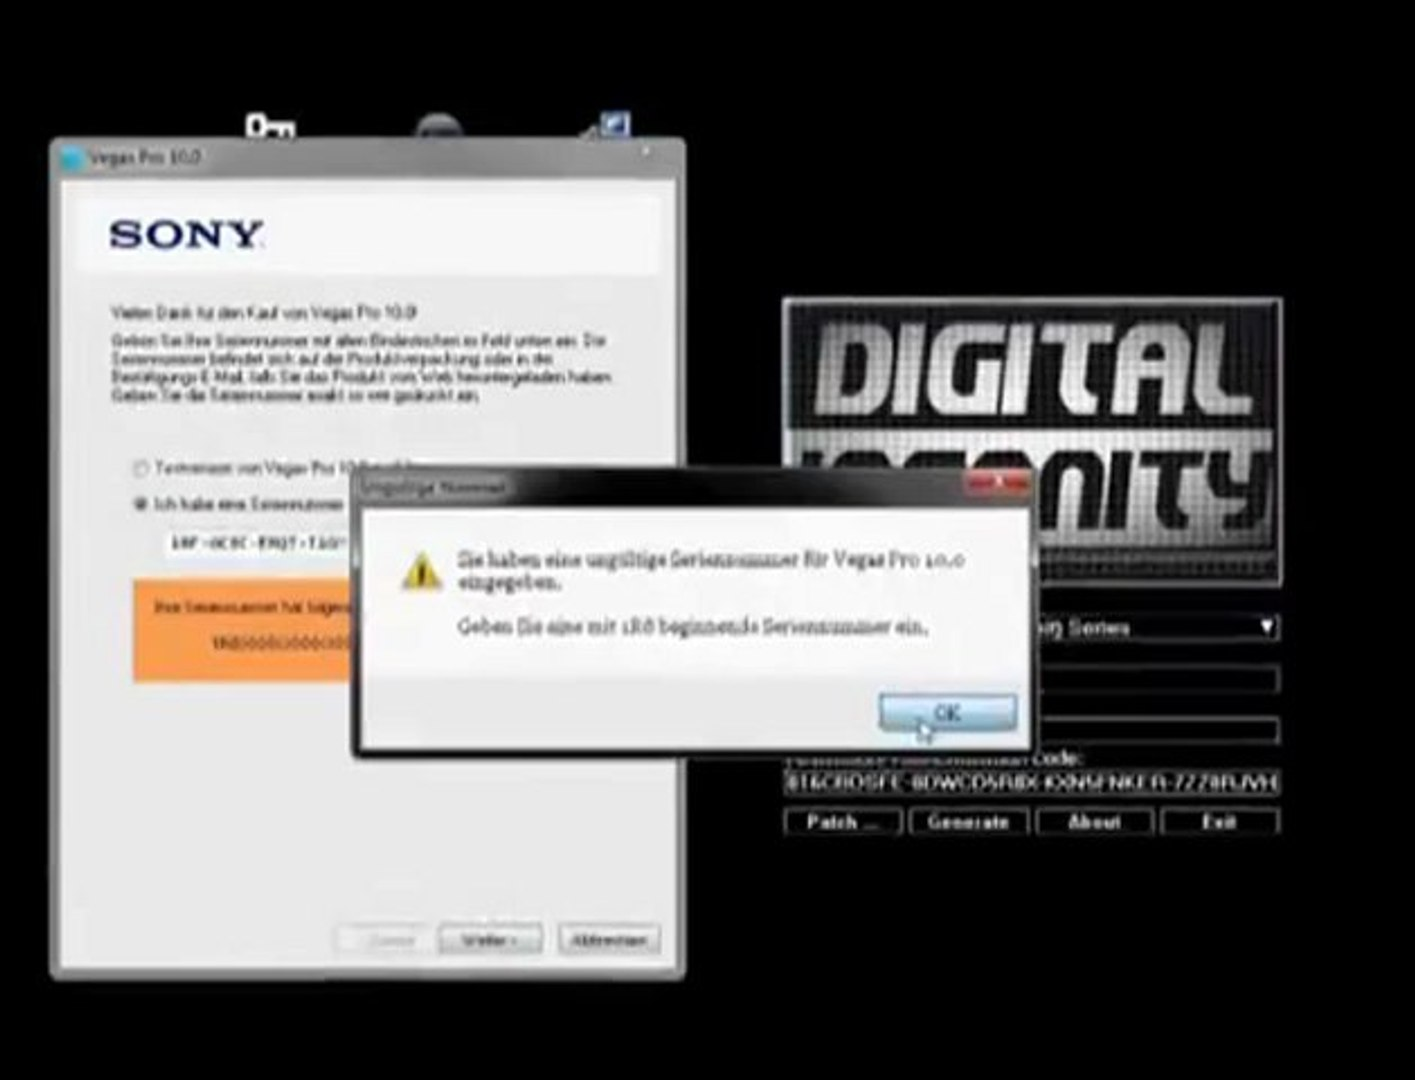 sony vegas 13 digital insanity keygen